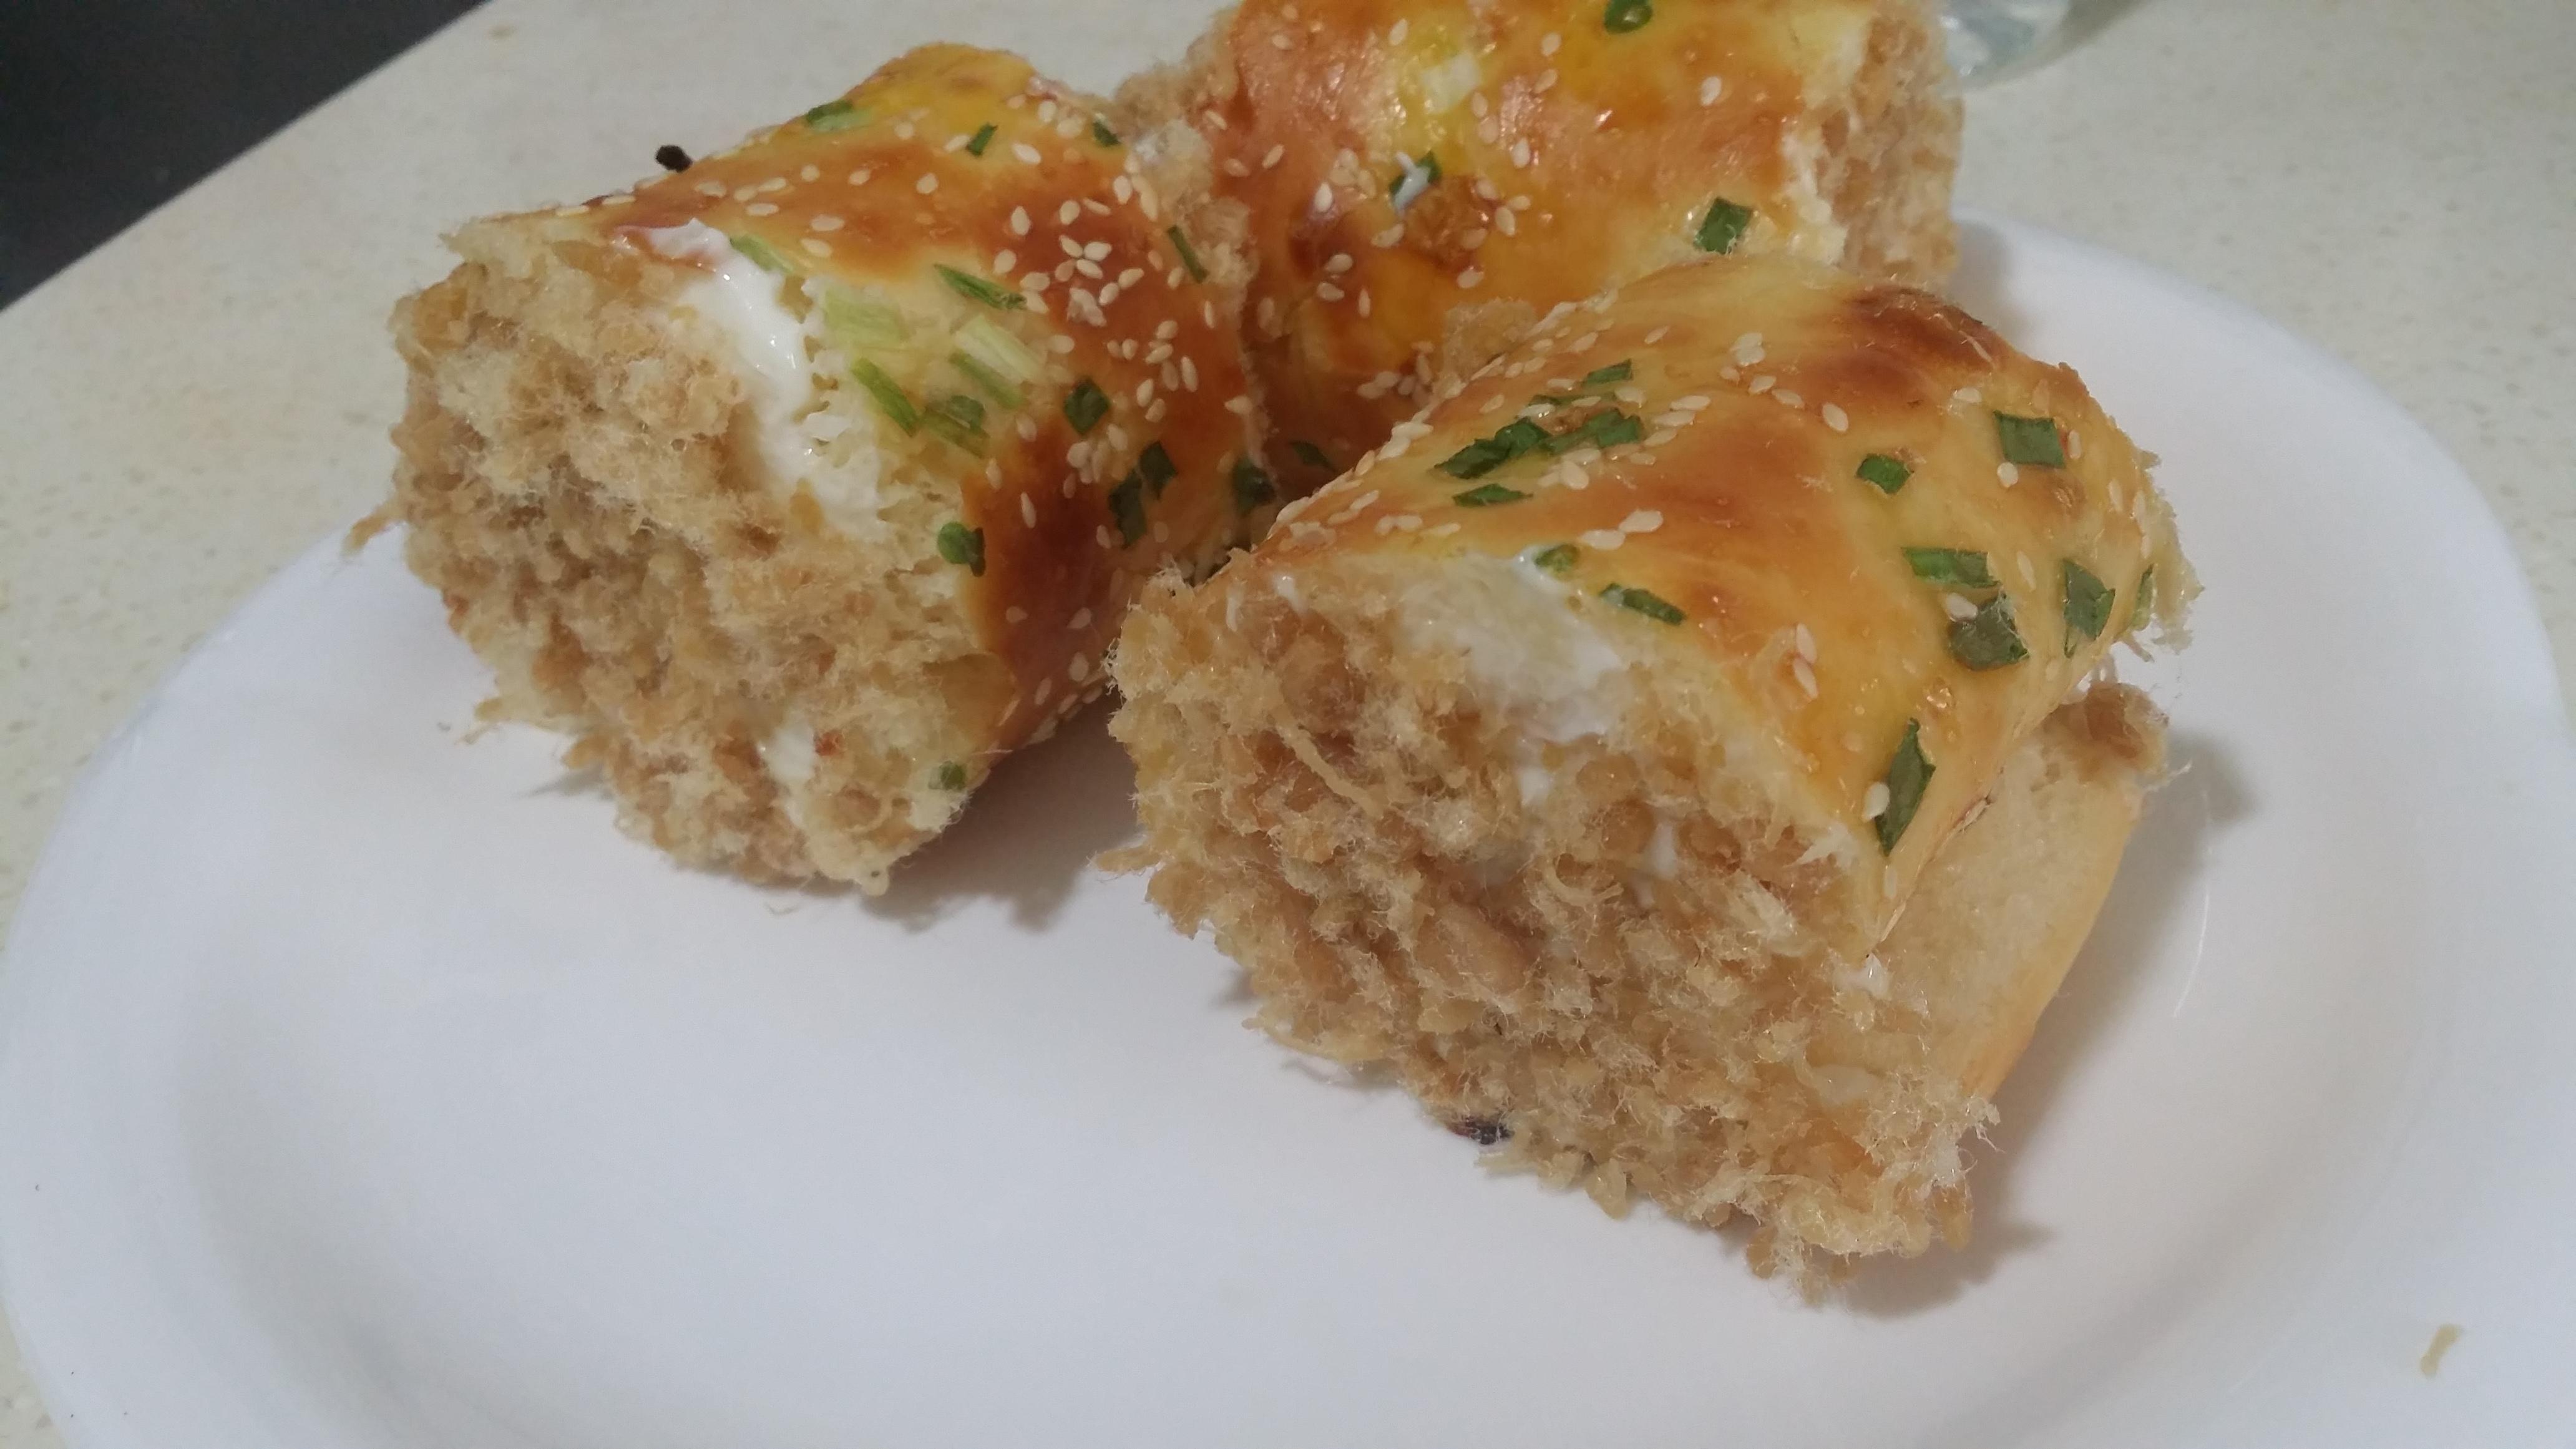 肉松面包卷的做法_【图解】肉松面包卷怎么做如何做